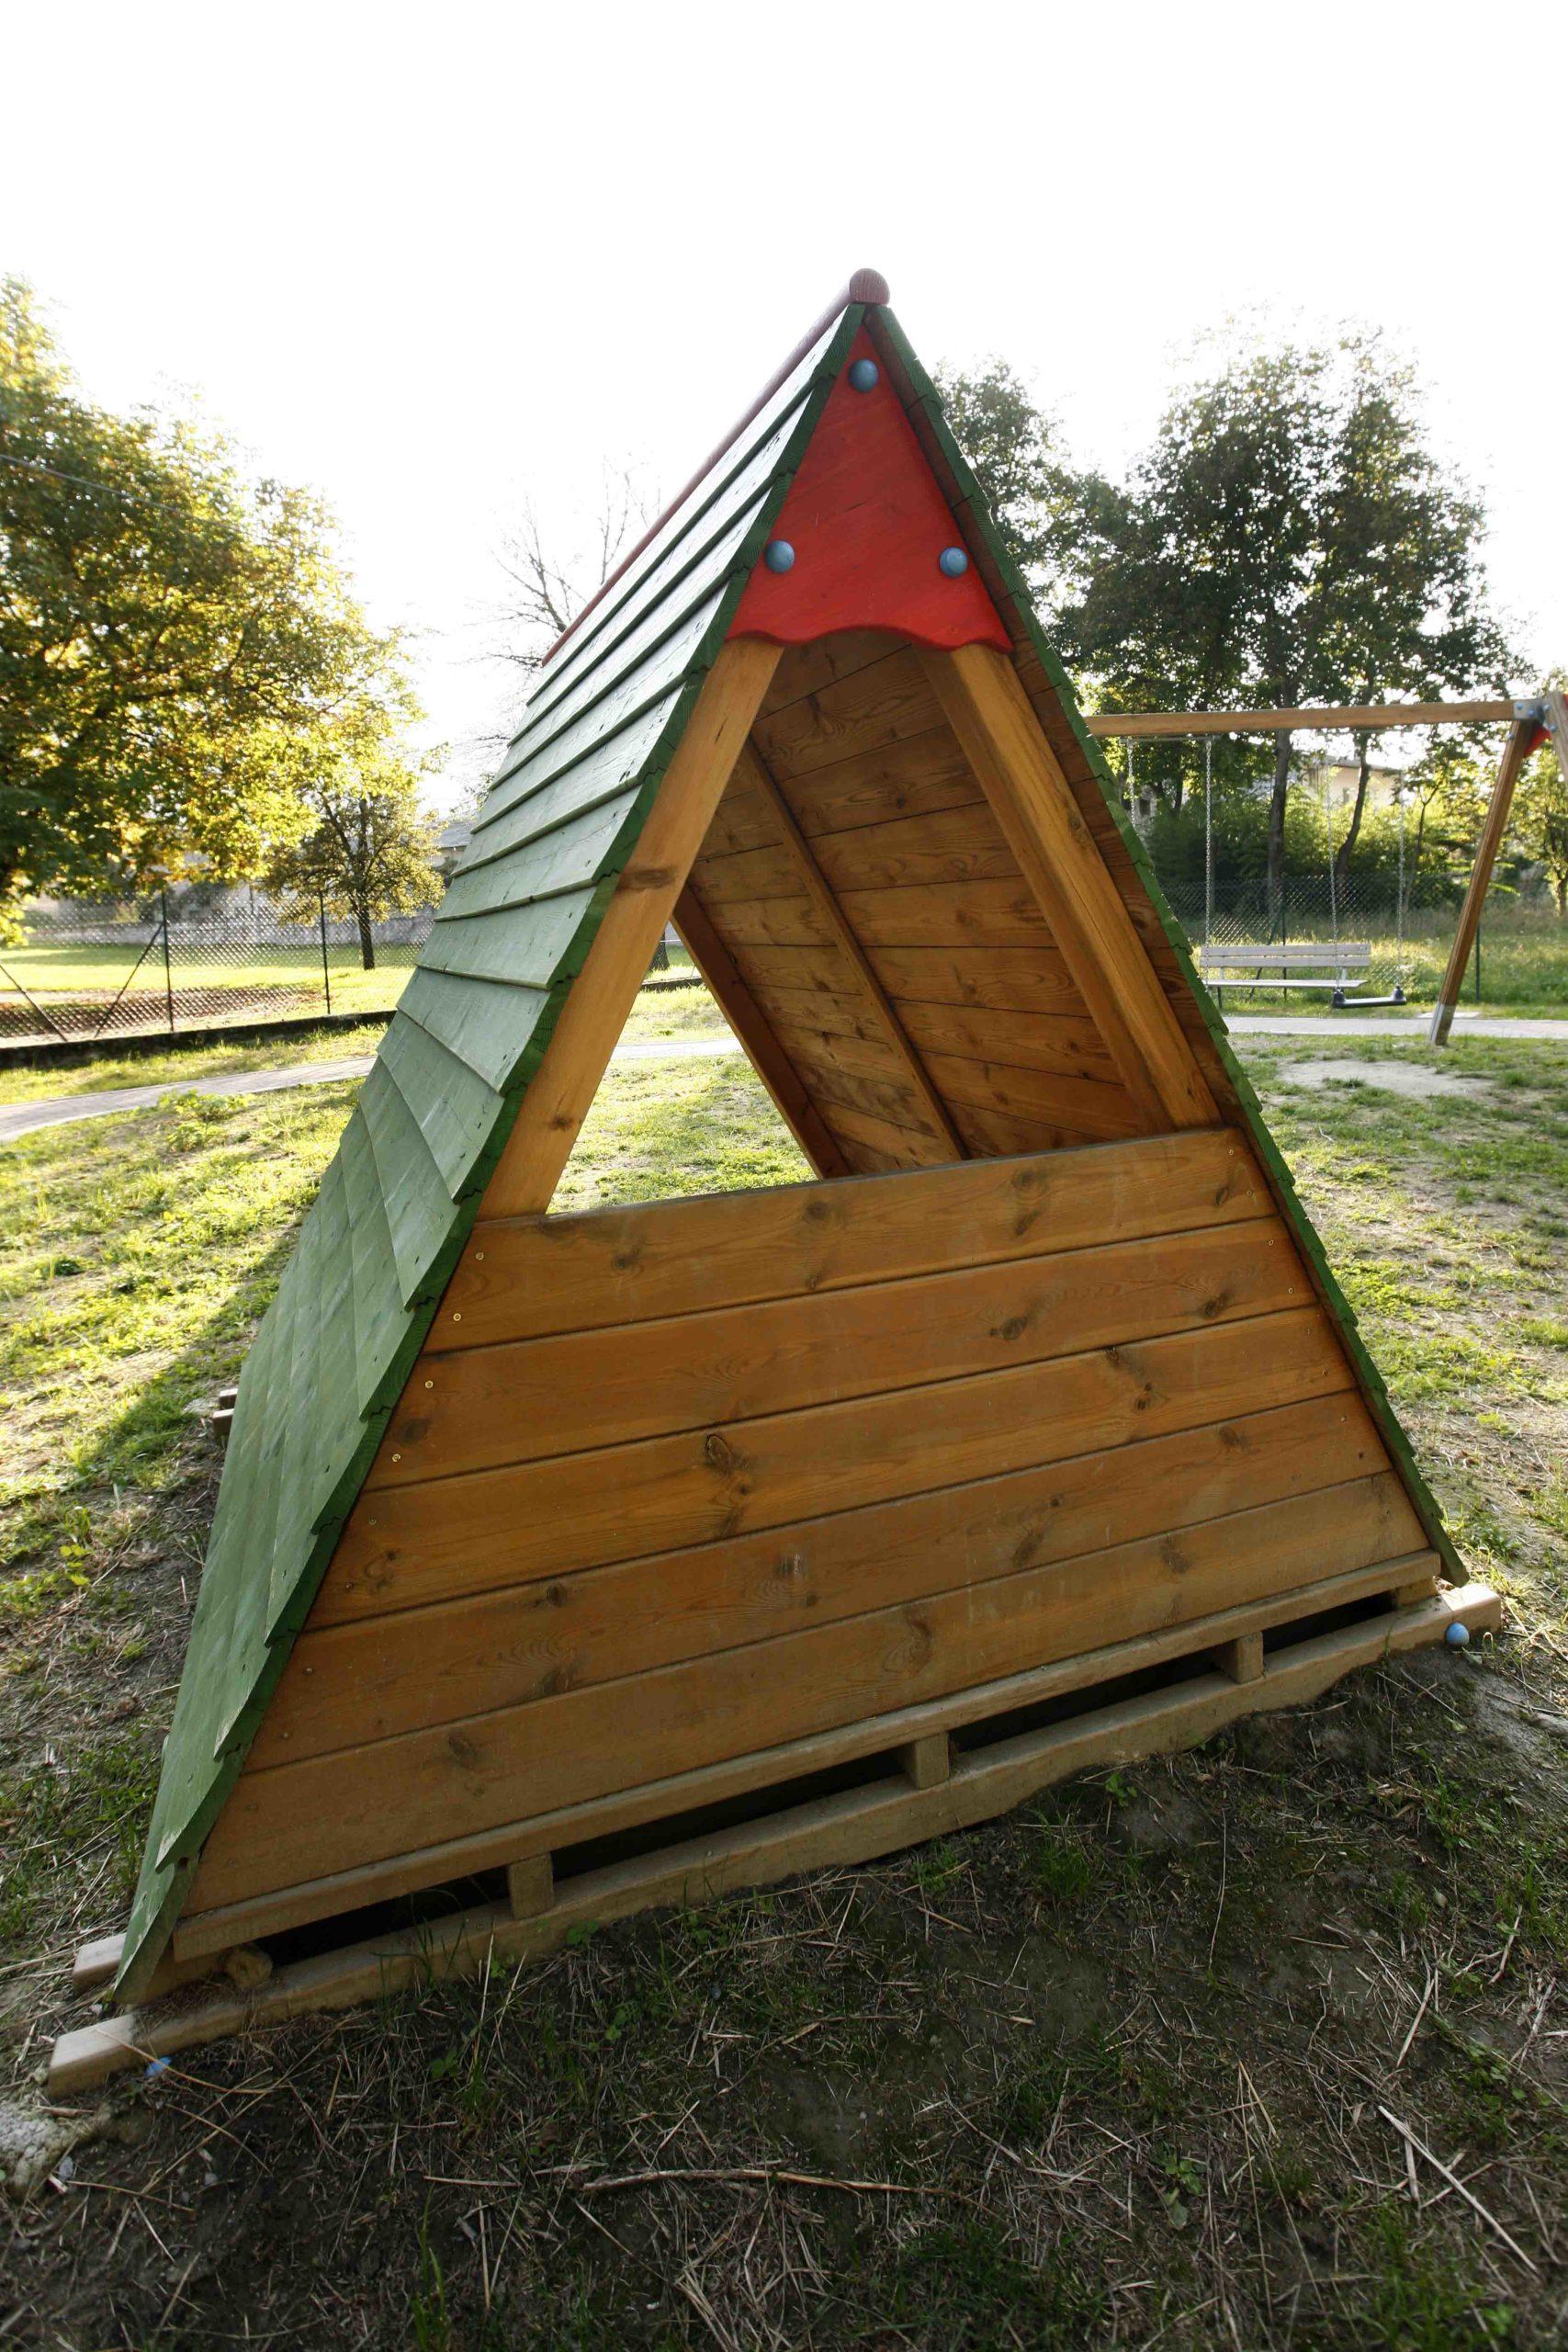 Capanna gioco in legno di pino impregnato in autoclave realizzata da Linea Montanalegno - ILT